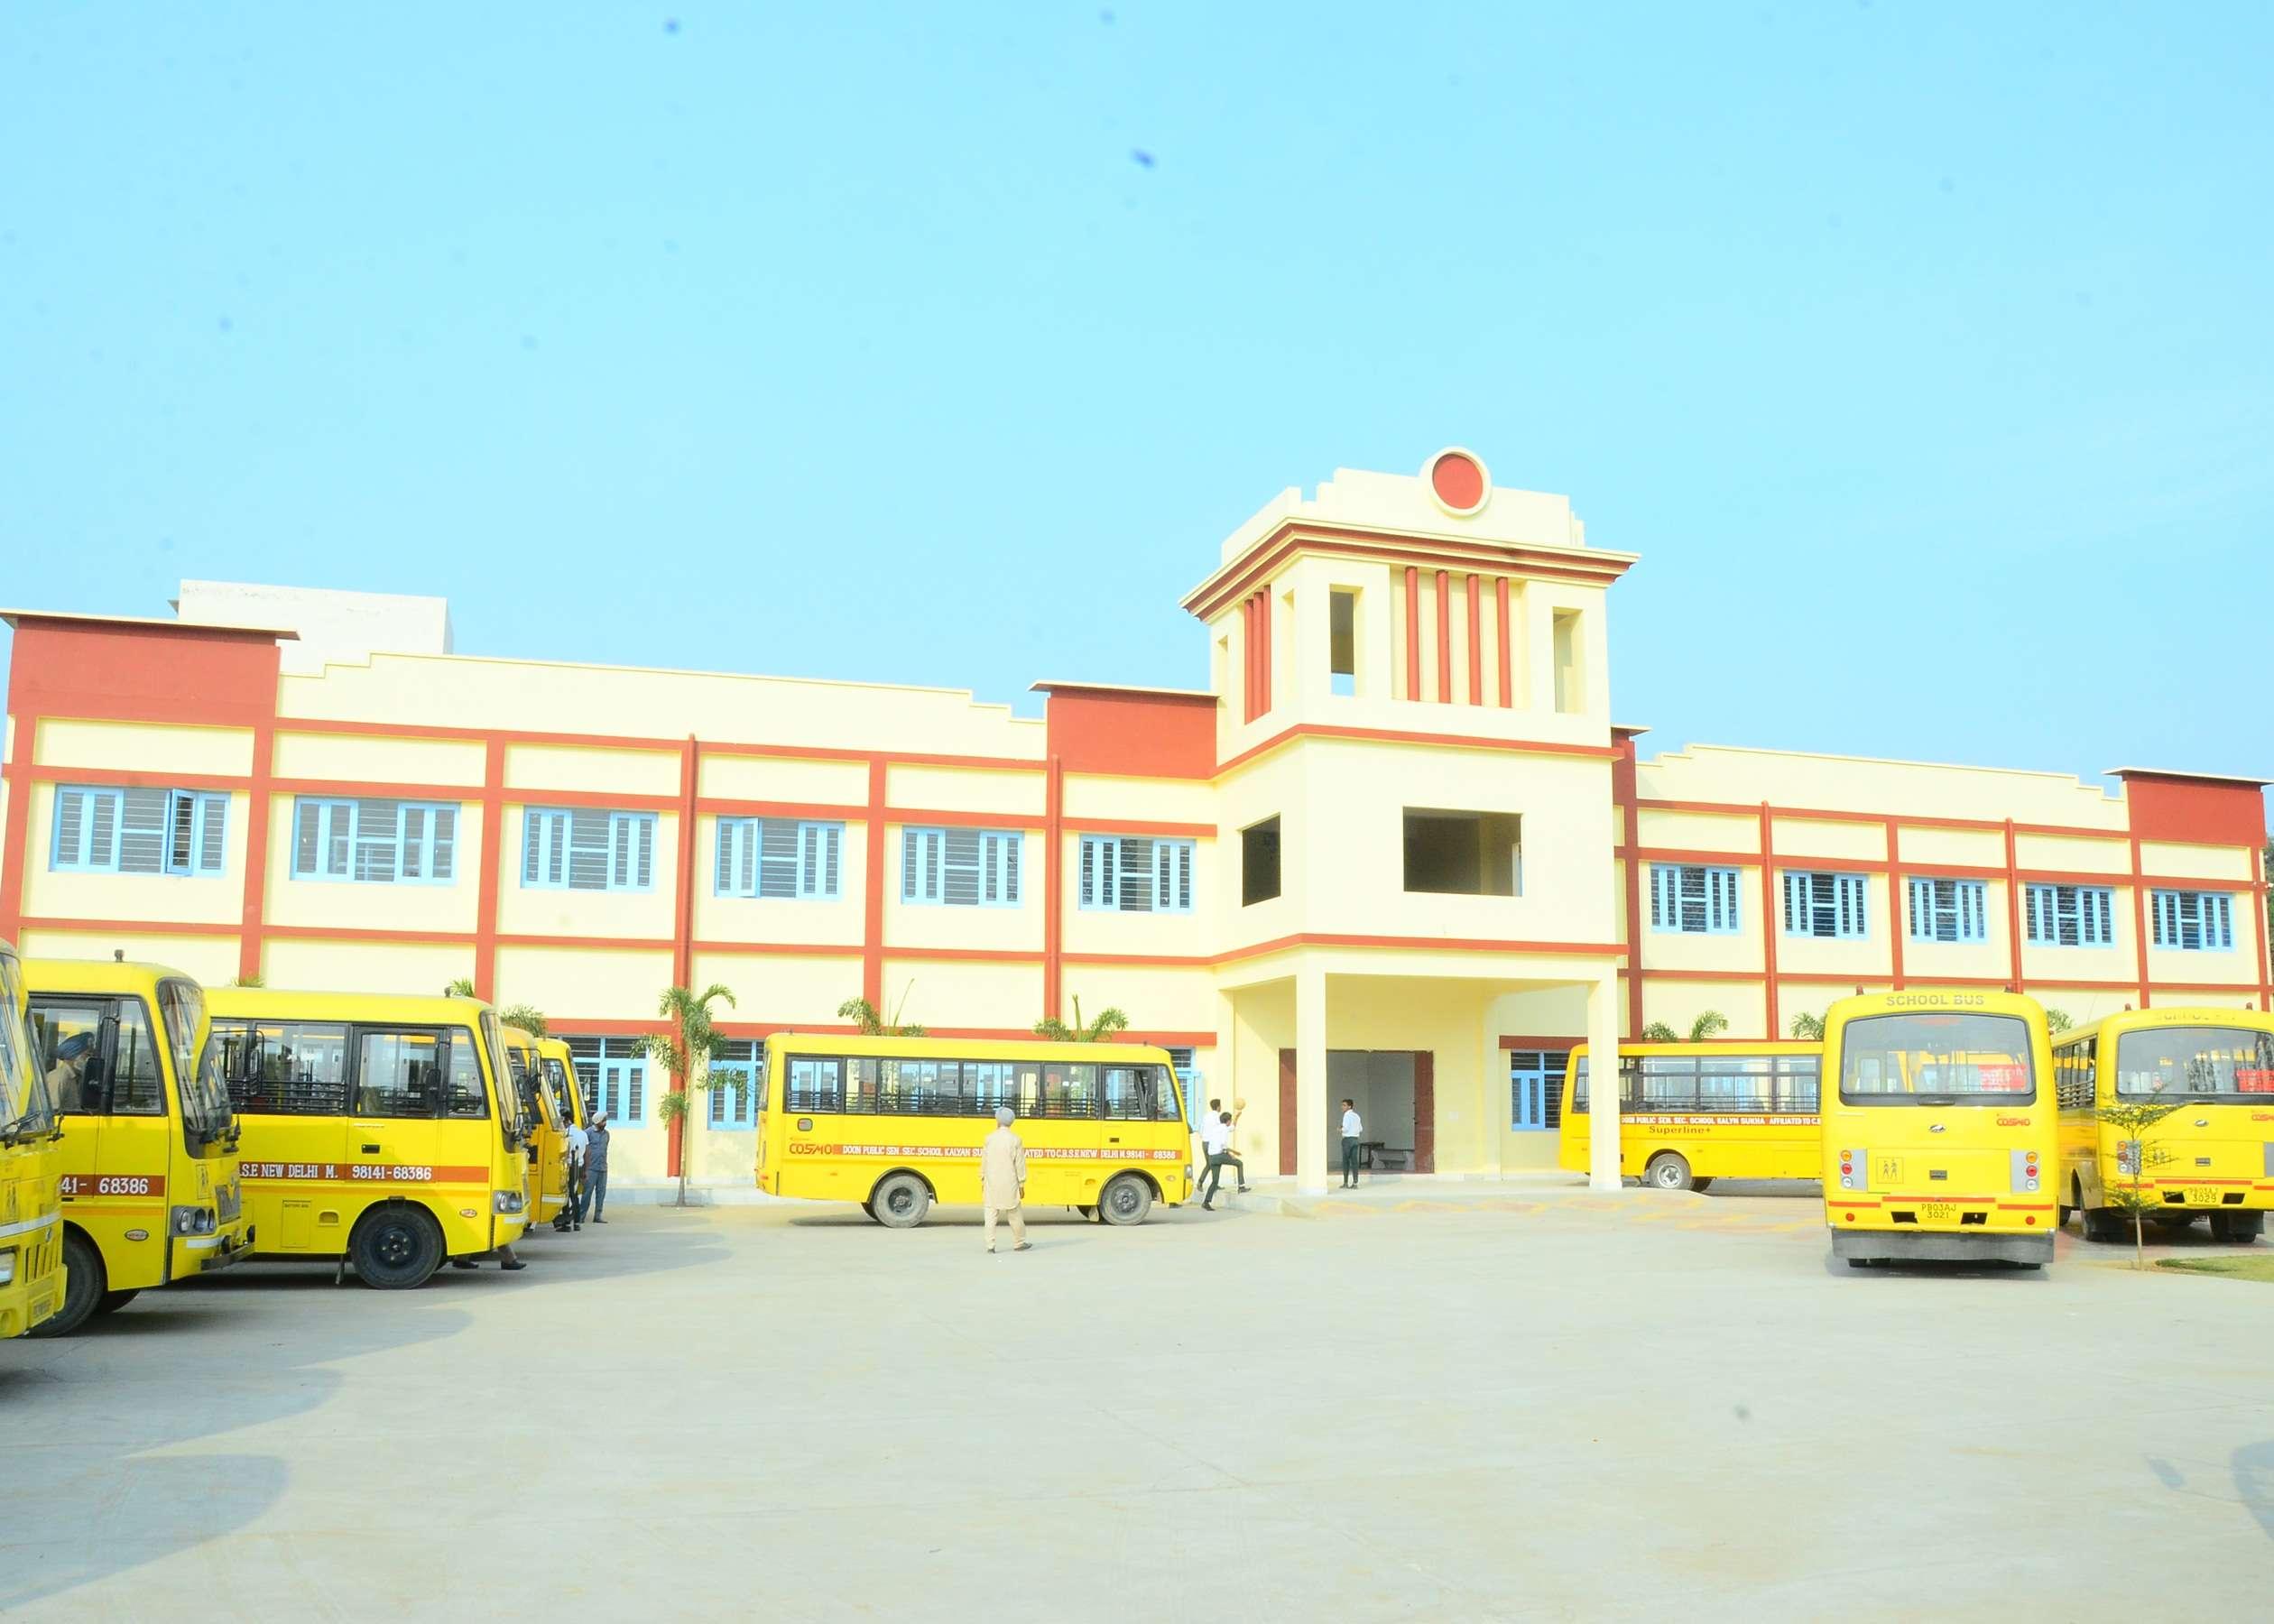 DOON PUBLIC SCHOOL NATHANA-BHAGTA MAIN ROAD, V PO  KALYAN SUKHA